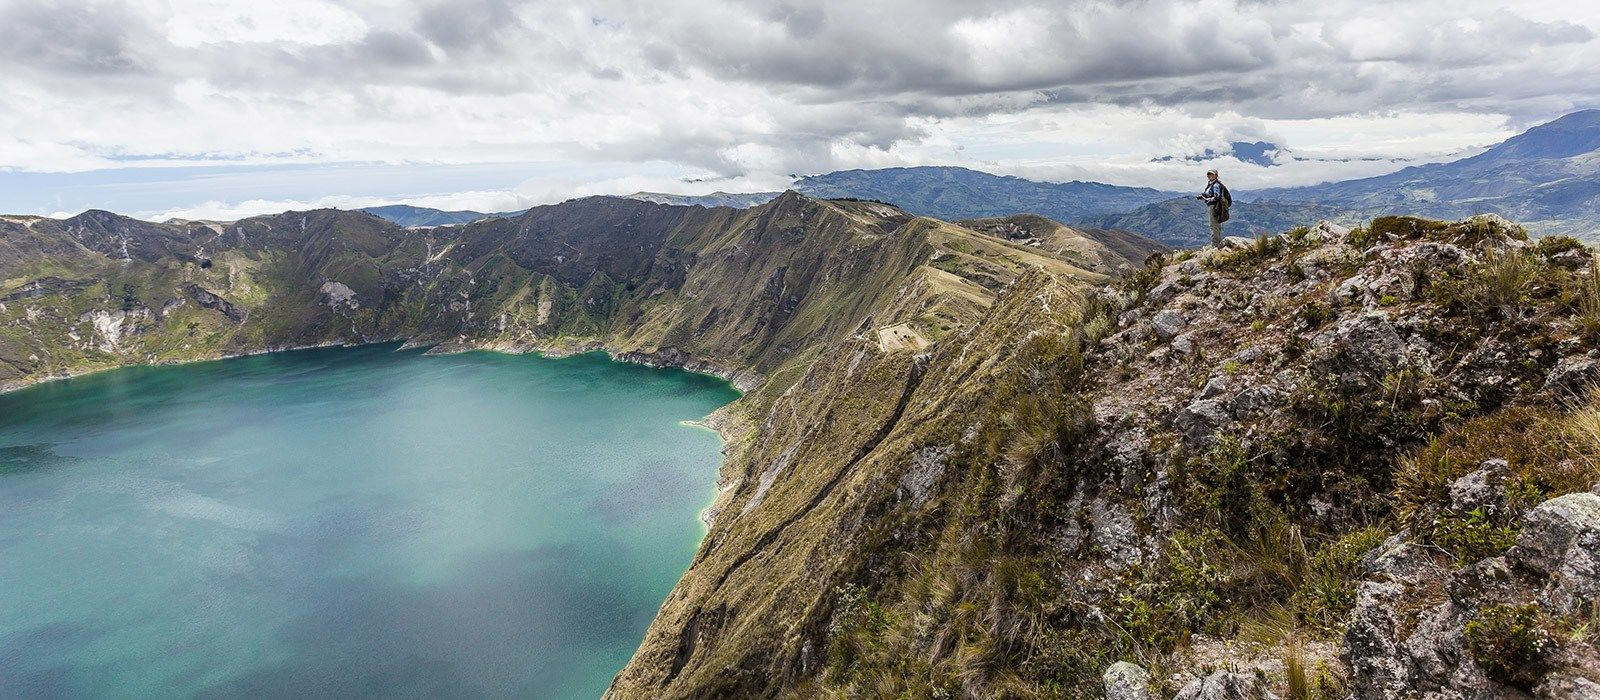 Destination Quito Ecuador/Galapagos